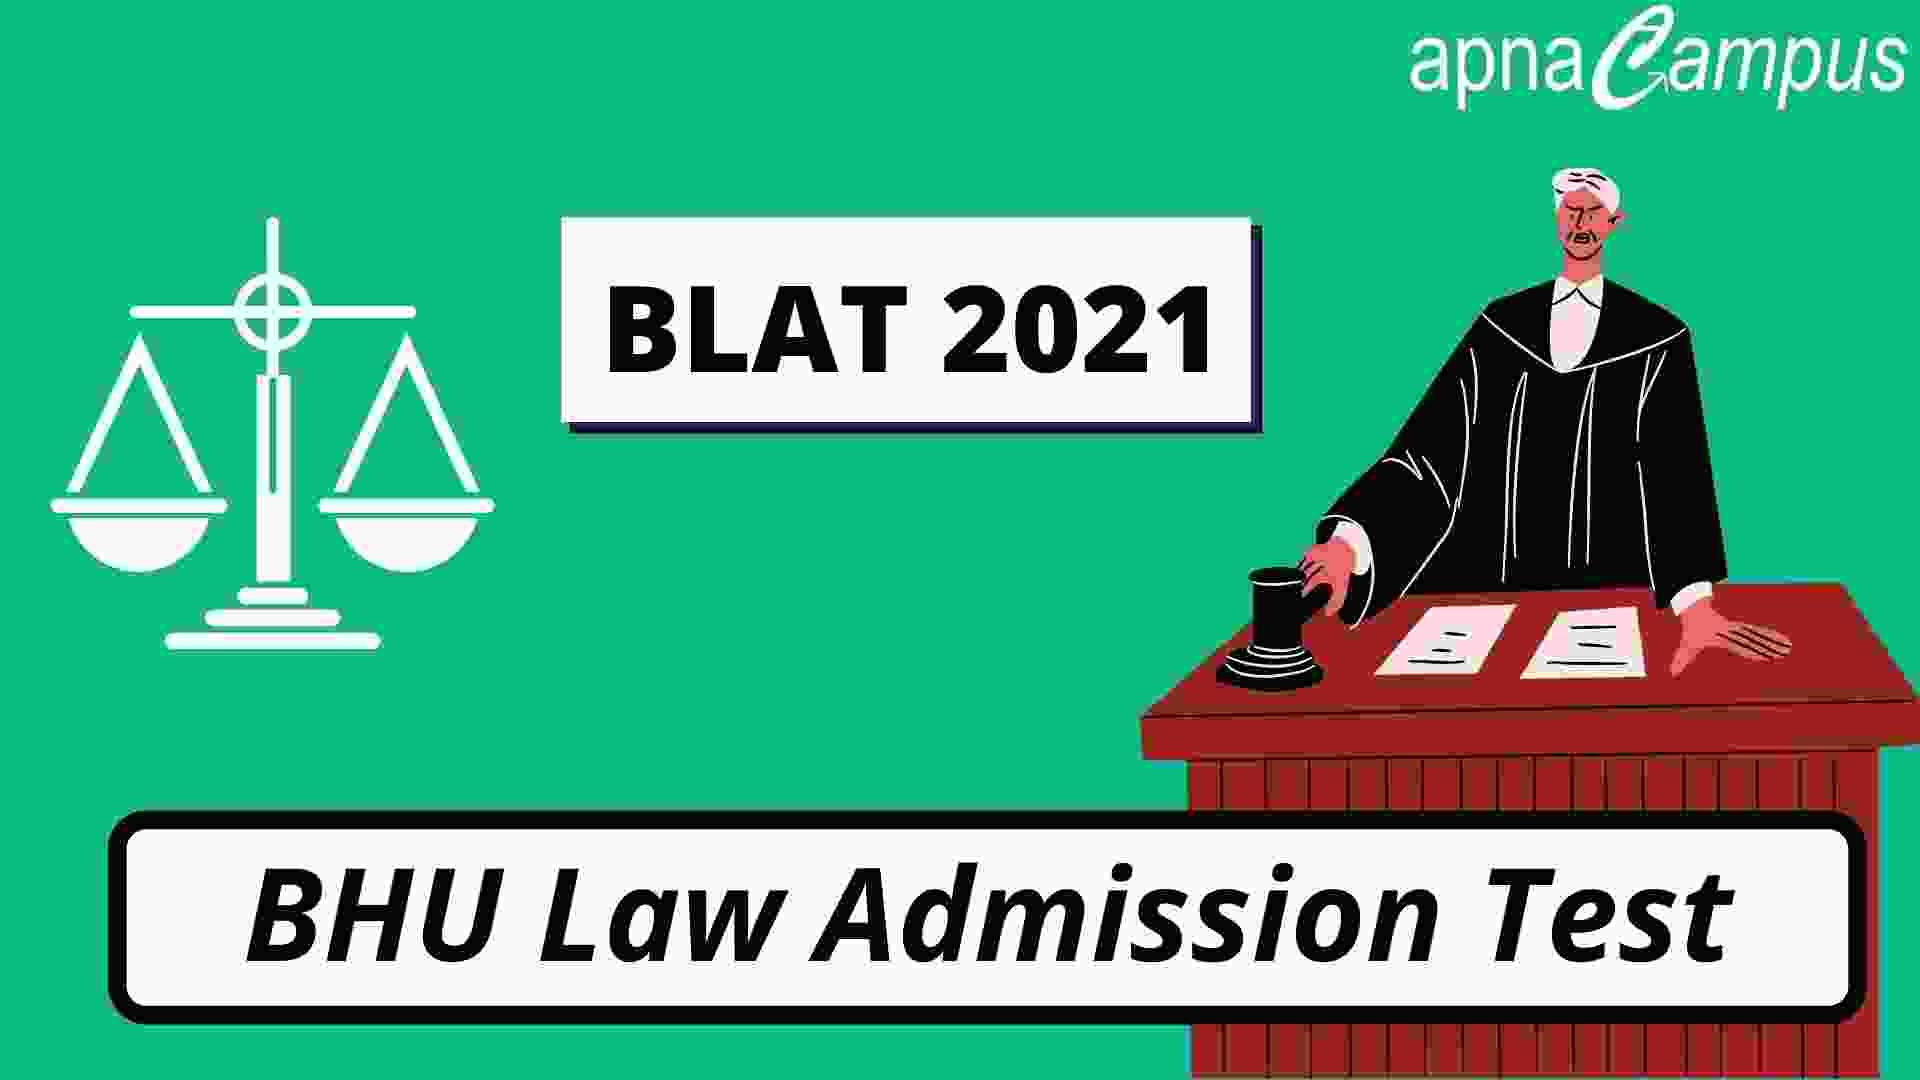 BLAT 2021